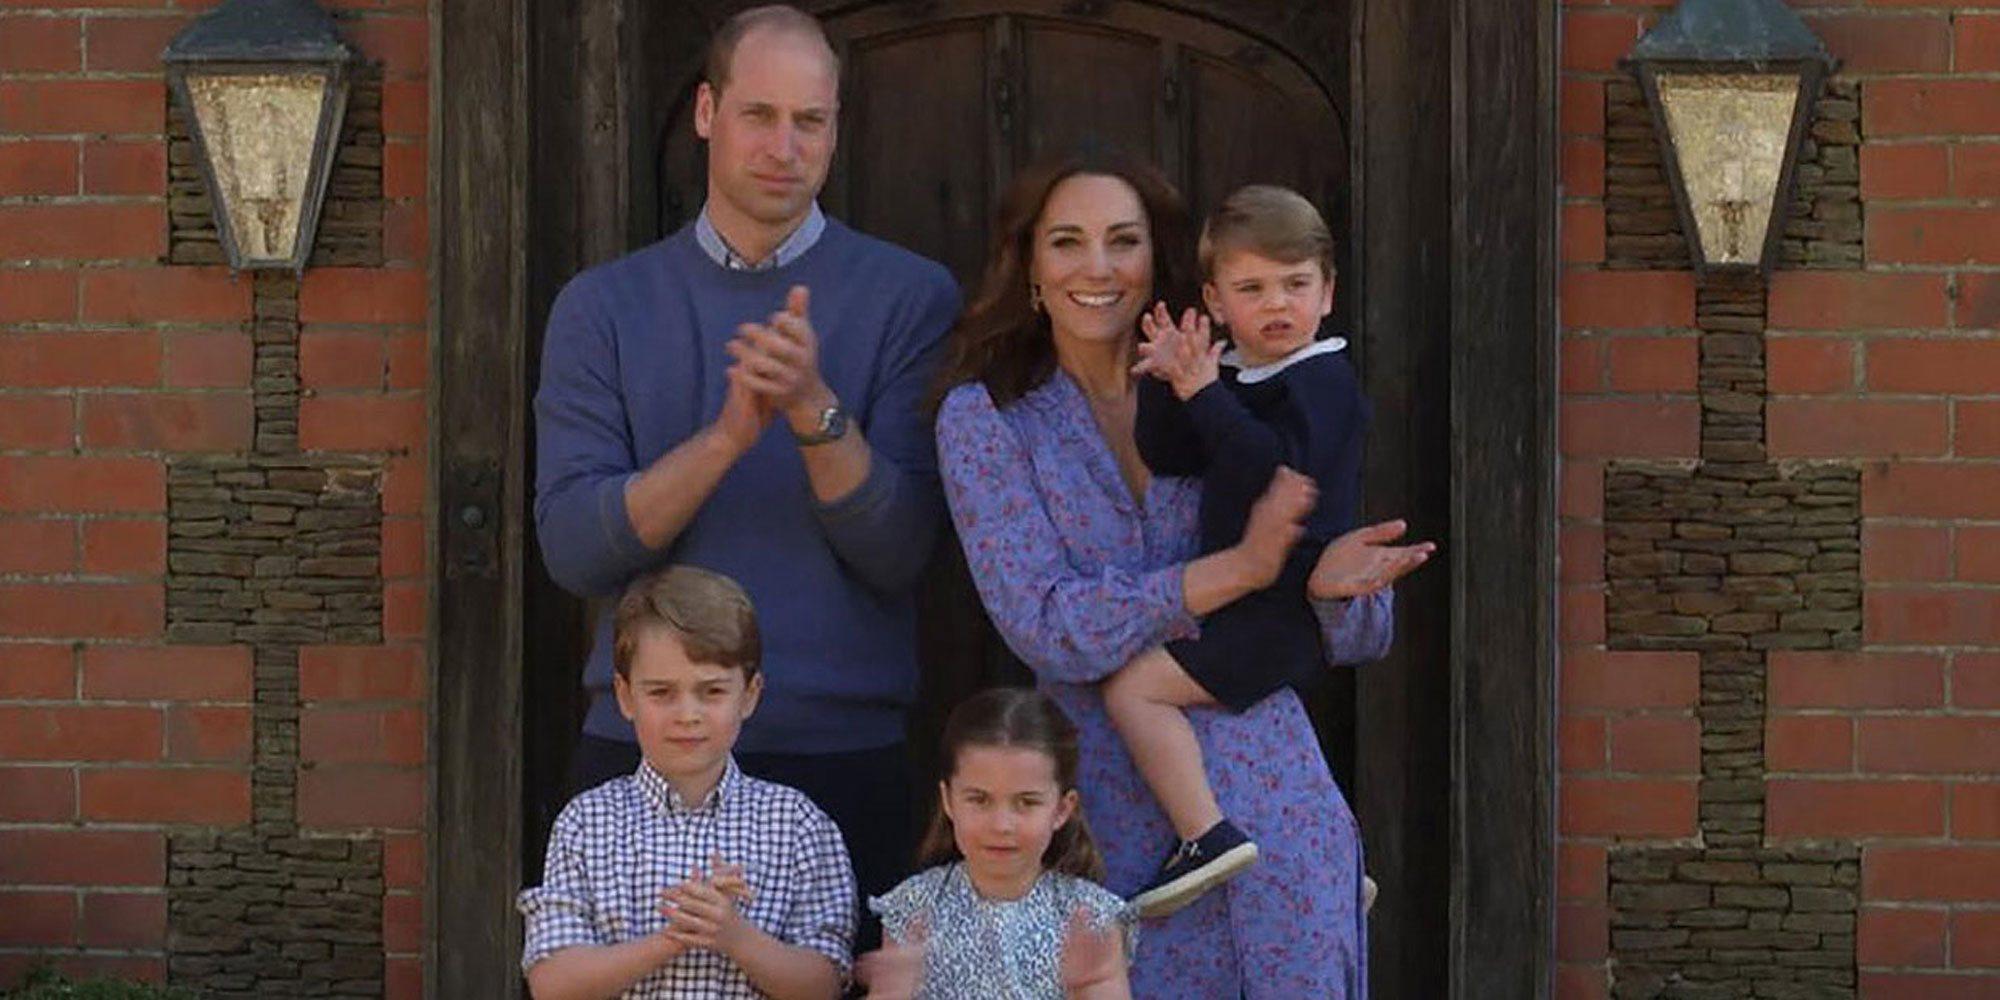 Los Duques de Cambridge aparecen por sorpresa en un programa de televisión acompañados por sus hijos